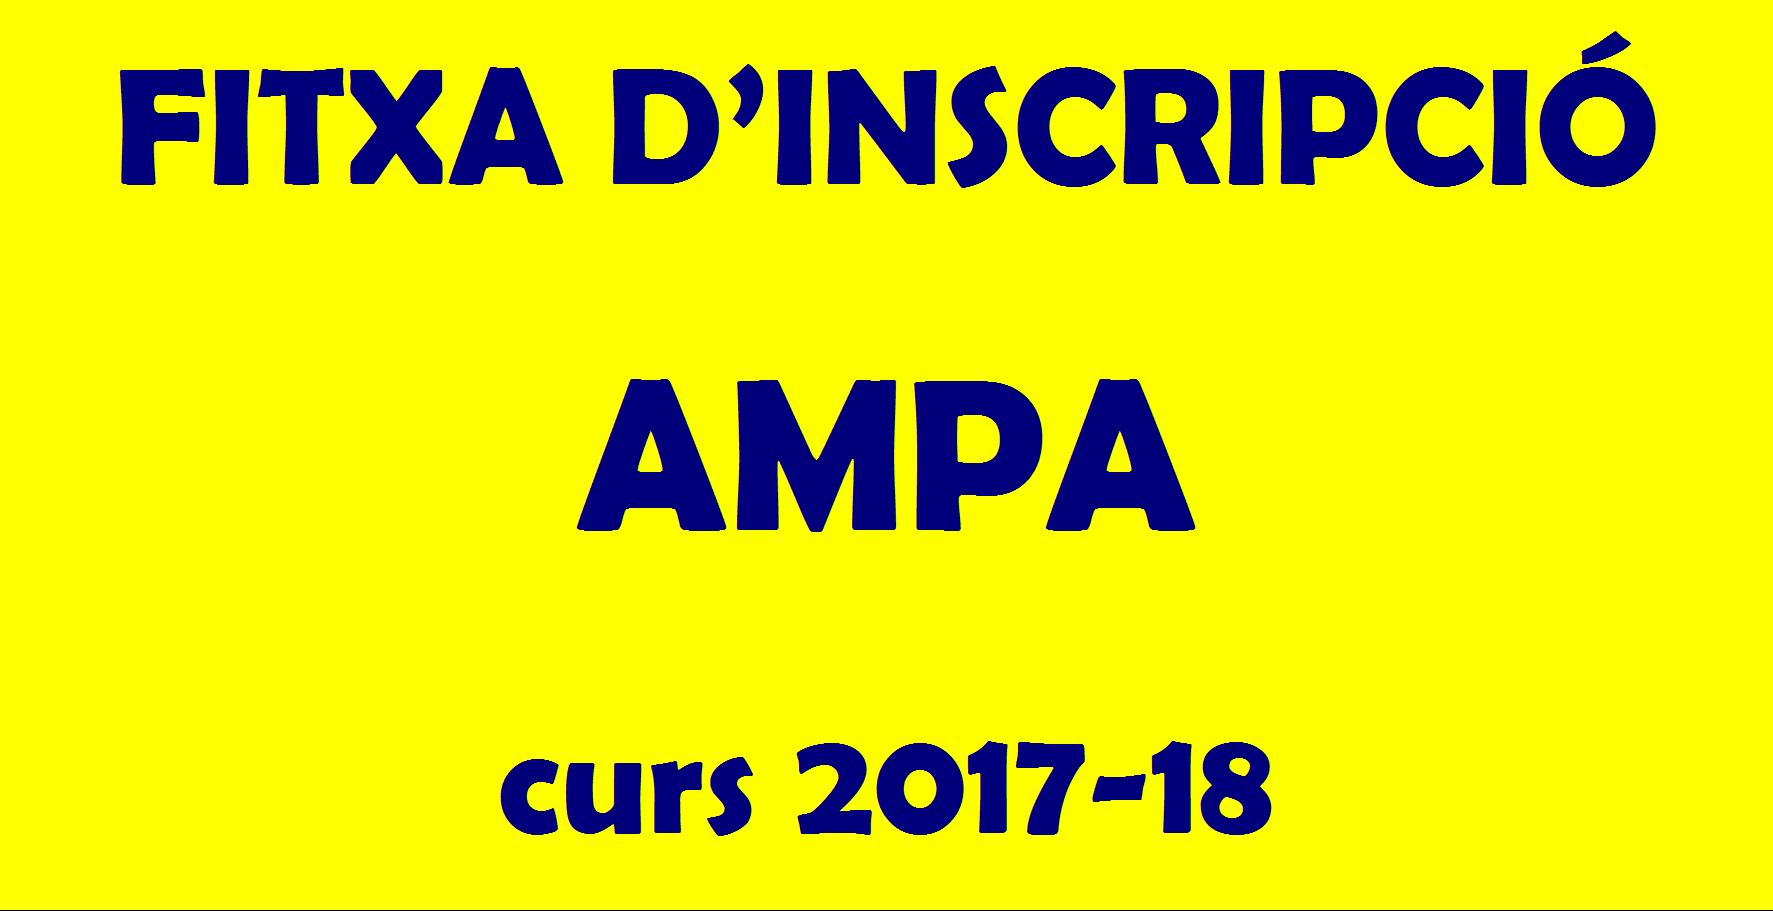 Fitxa d'inscripció AMPA